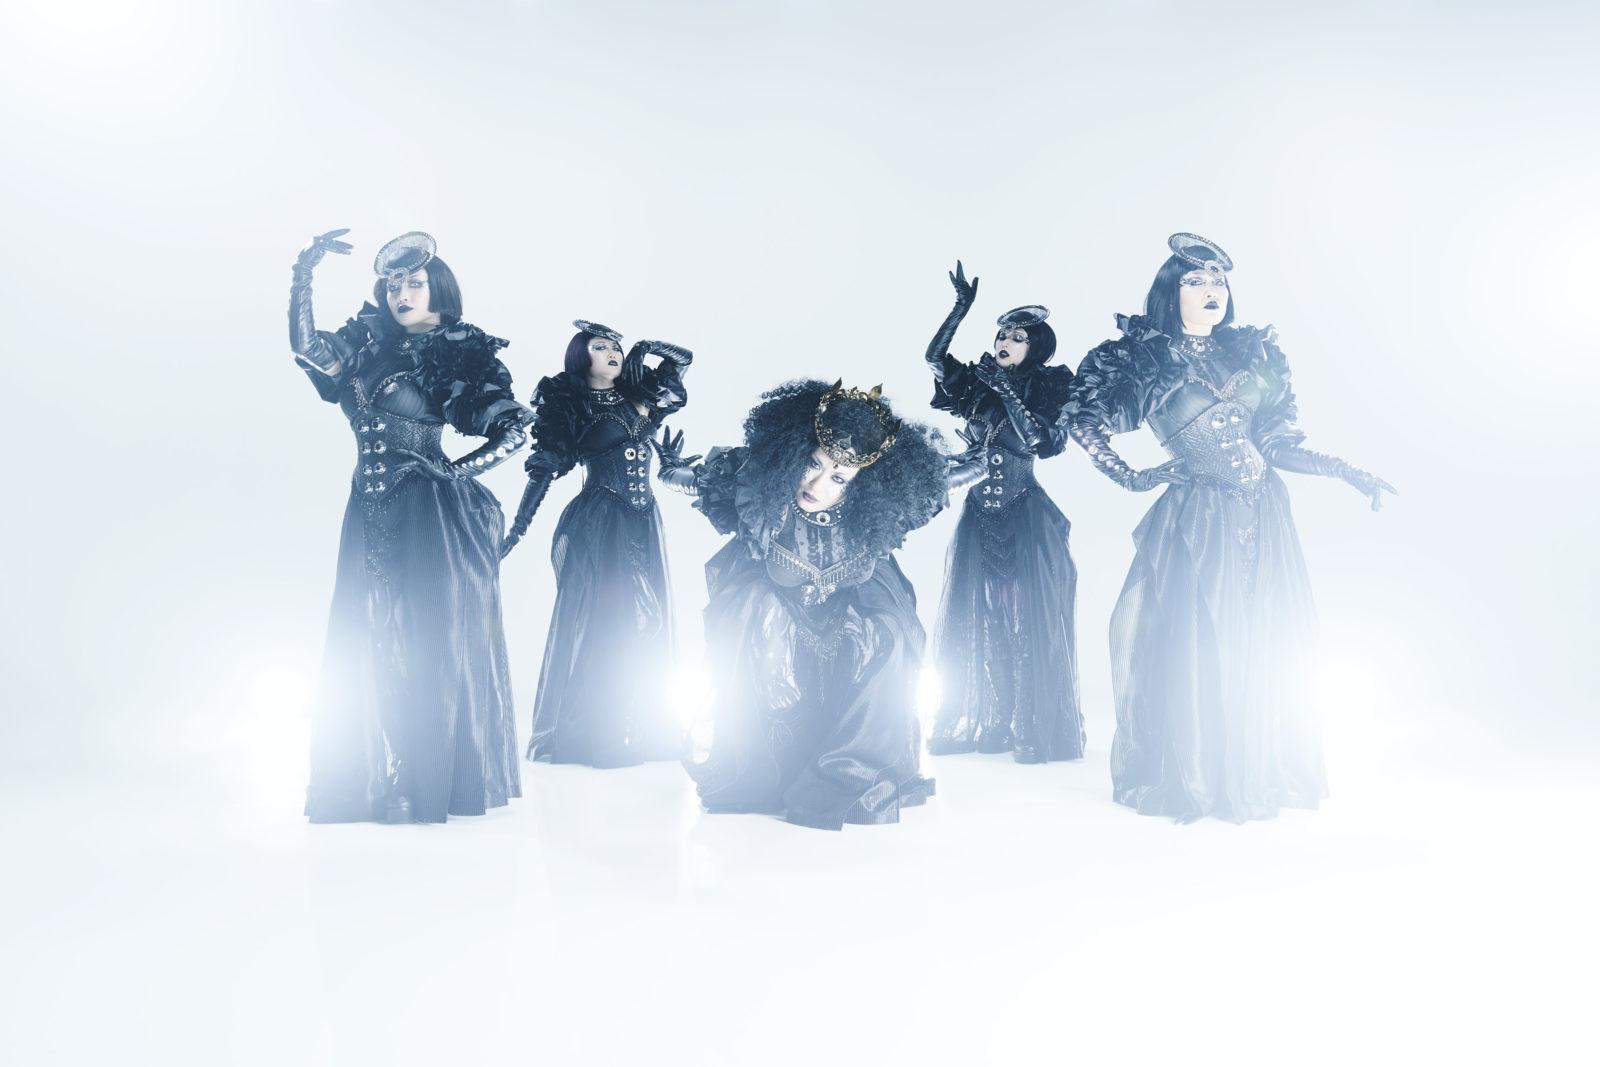 東京ゲゲゲイ・MIKEYとトラックメイカーGRP氏がコラボしたNewシングル「BLACK LIP」をミュージックビデオと同時発表サムネイル画像